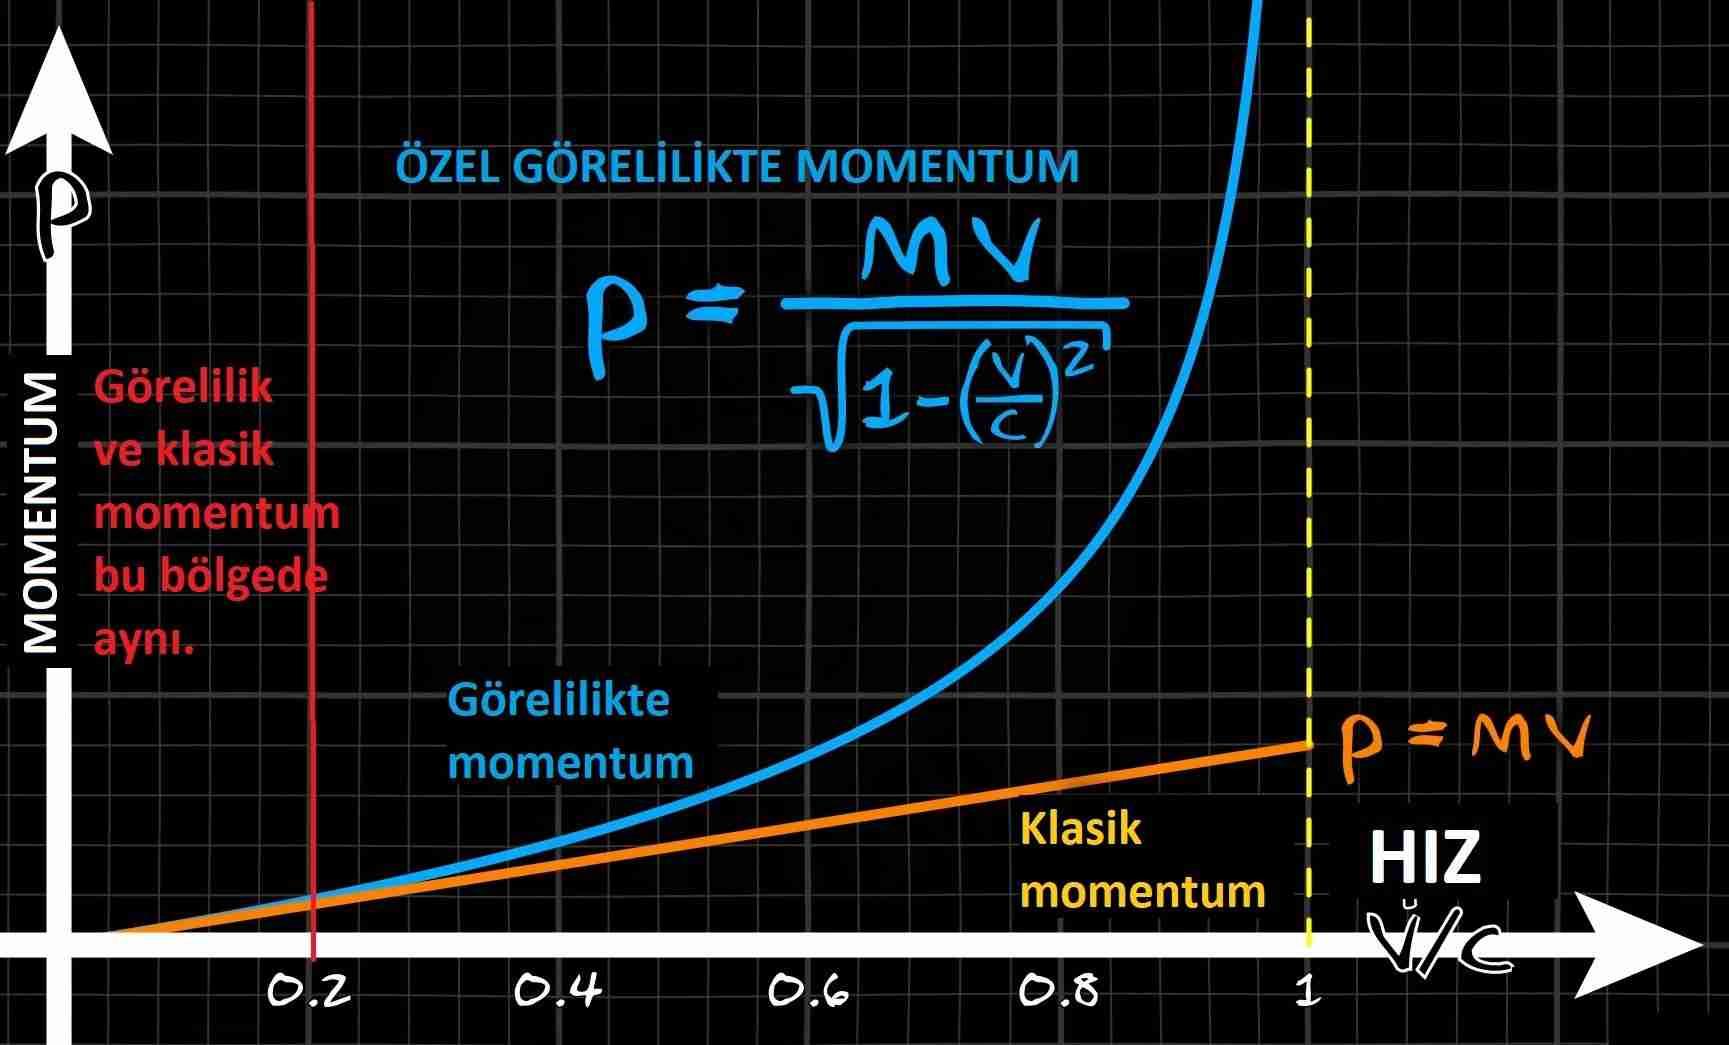 madde-yerine-fotonlardan-oluşsanız-ne-olurdu